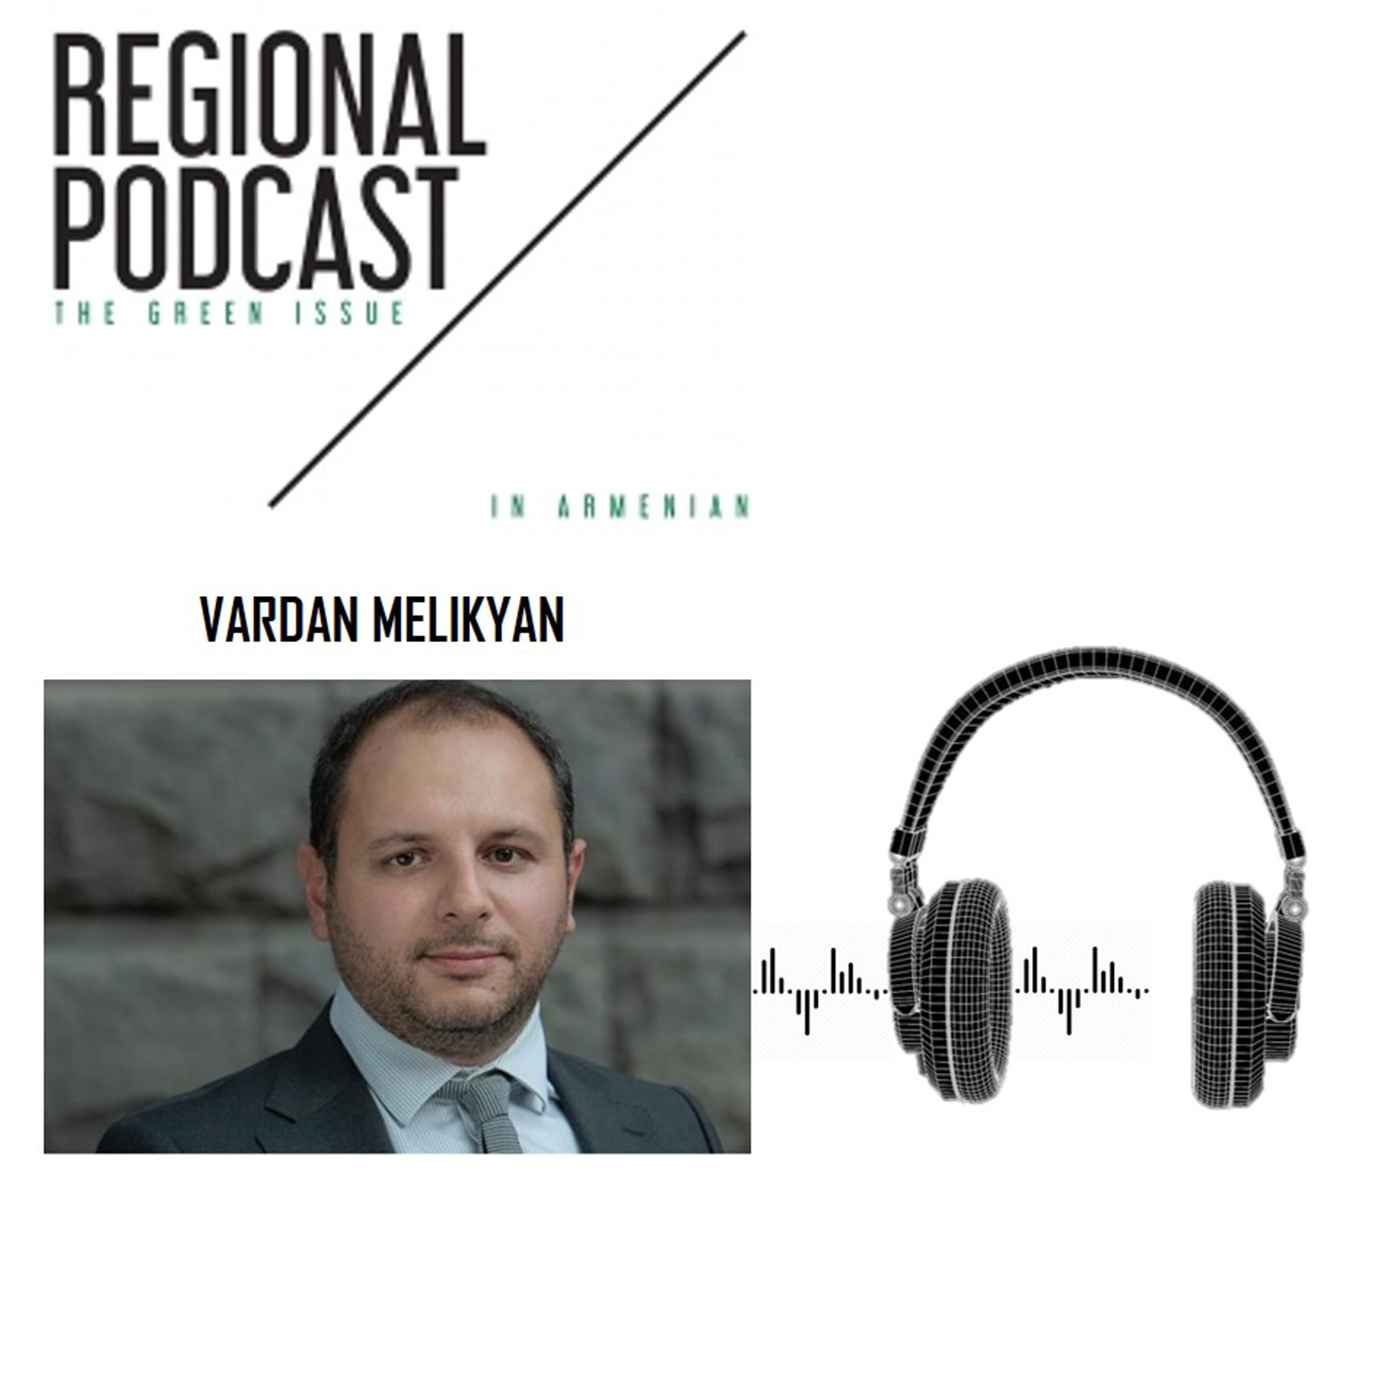 [հայերեն] Regional Podcast - The Green Issue / Vardan Melikyan